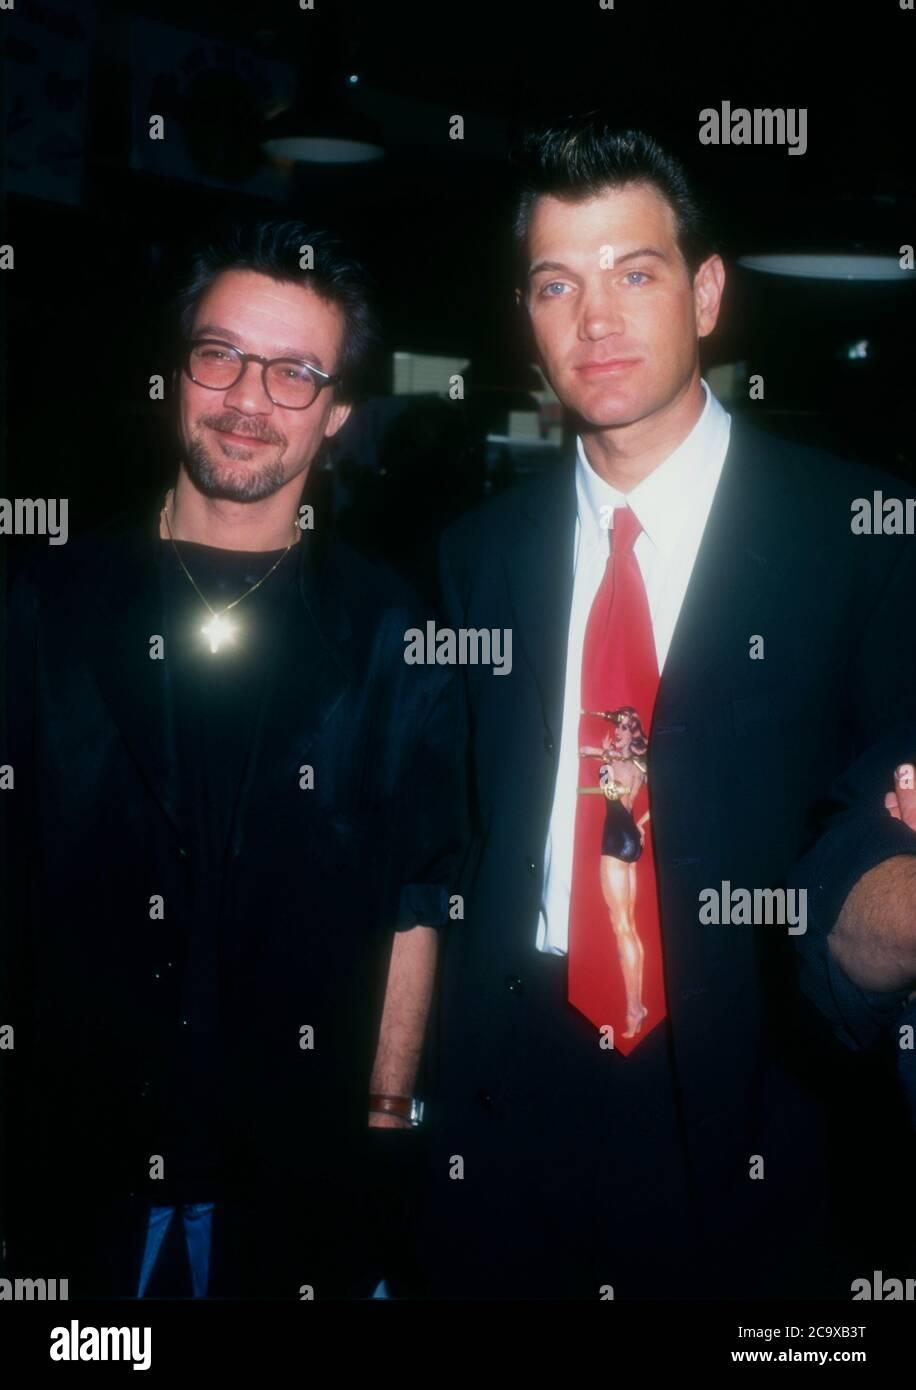 Beverly Hills, California, USA 27. Februar 1996 Musiker Eddie Van Halen und Sänger/Musiker Chris Isaak nehmen am 27. Februar 1996 an den Orville H. Gibson Guitar Awards im Hard Rock Cafe in Beverly Hills, Kalifornien, USA Teil. Foto von Barry King/Alamy Stockfoto Stockfoto